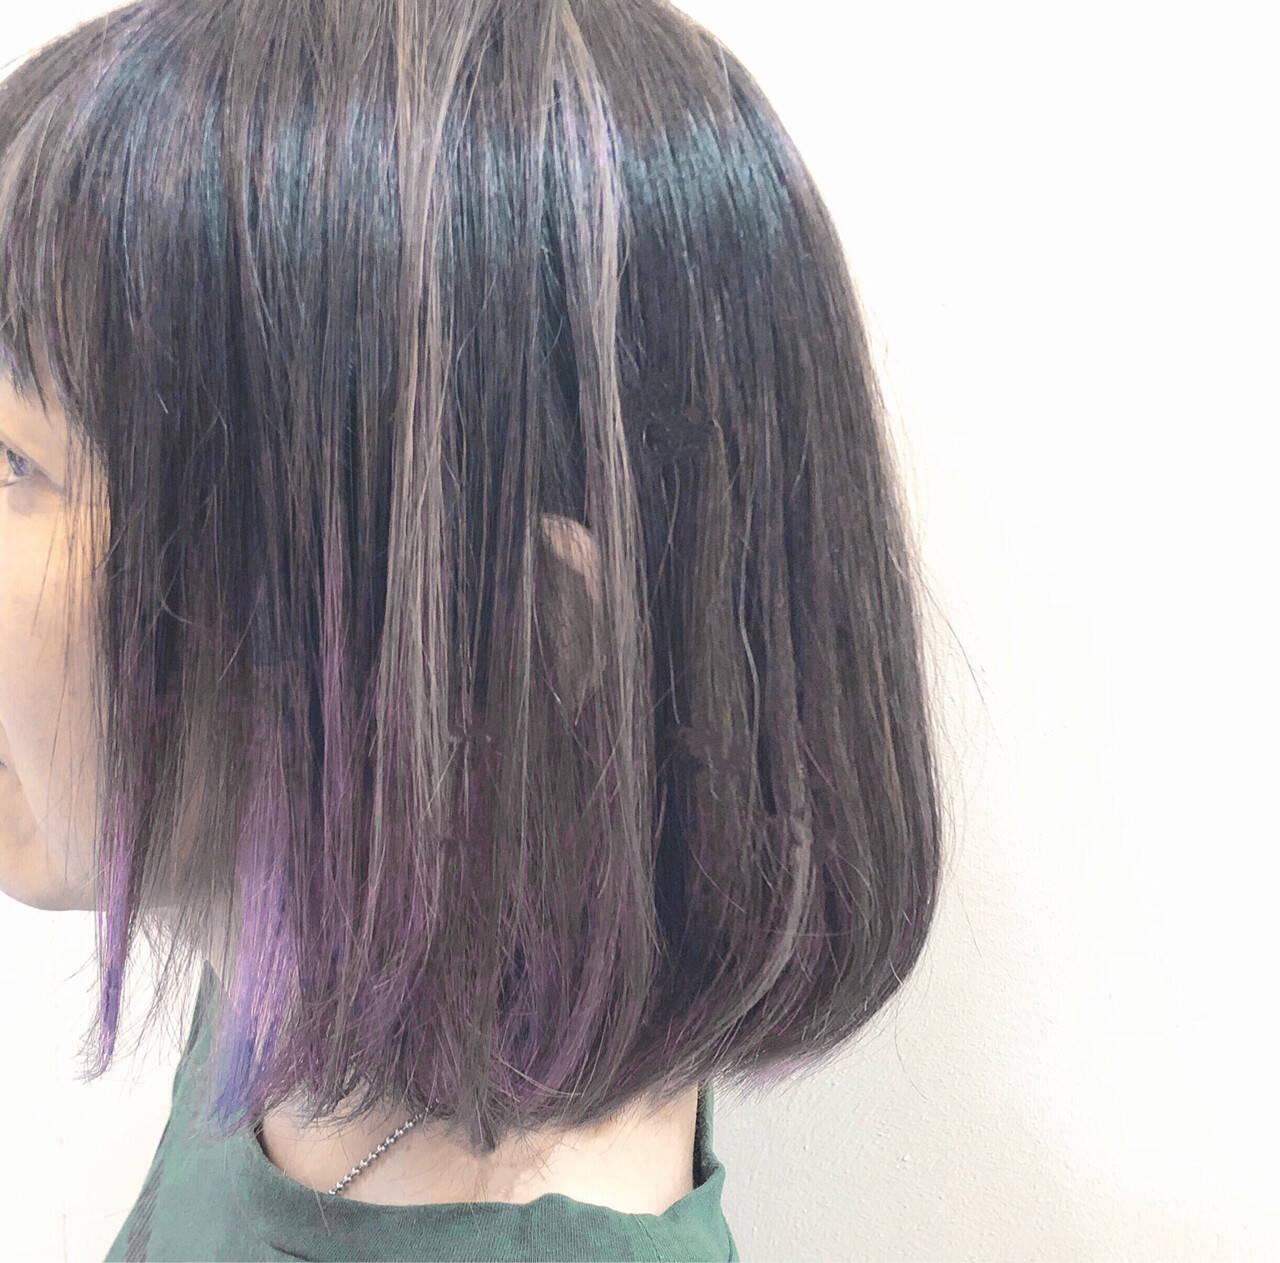 ボブ 秋 バレイヤージュ ハイライトヘアスタイルや髪型の写真・画像